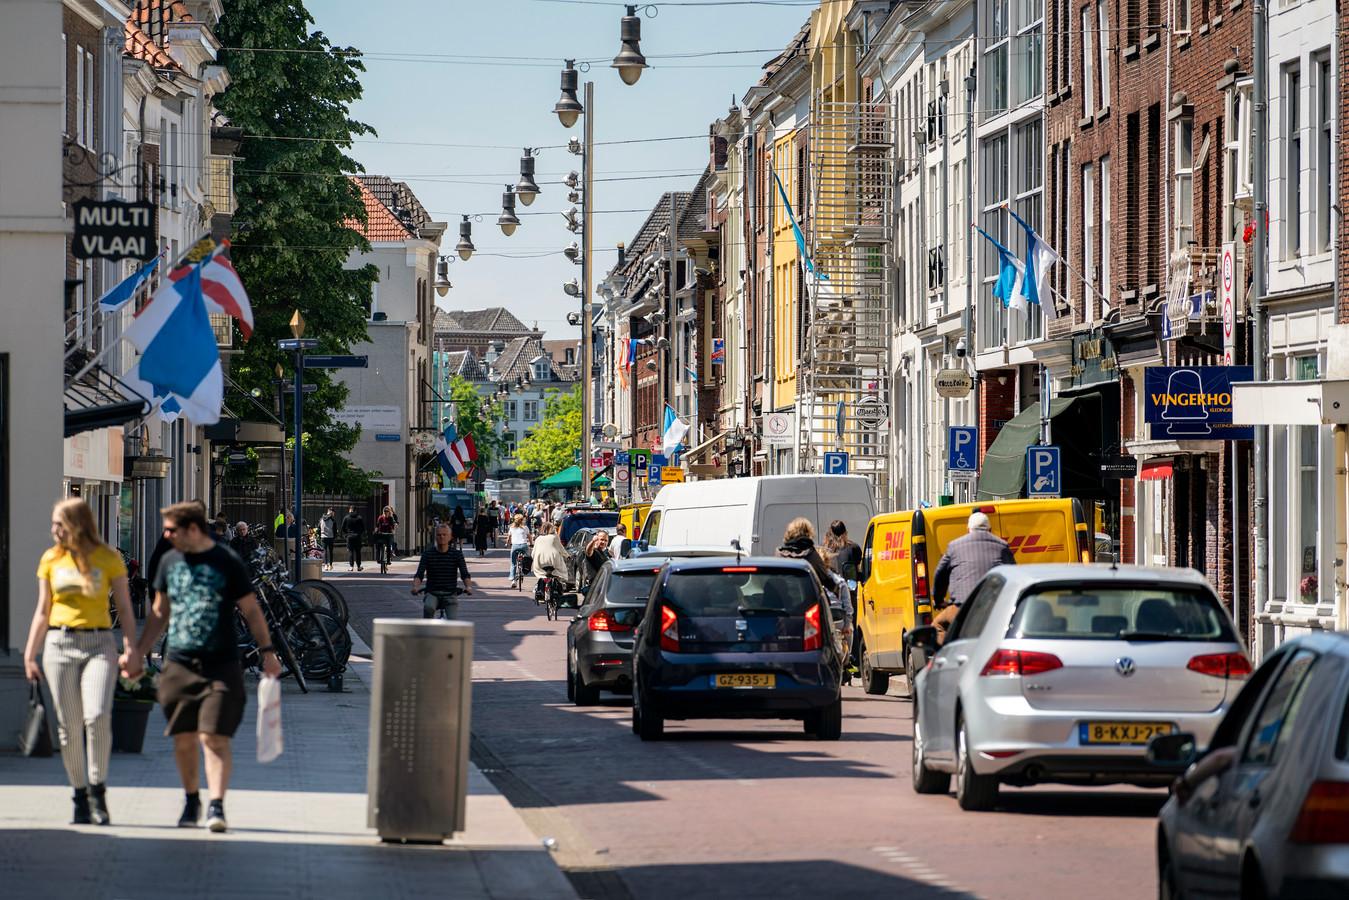 Buurtbewoners klagen over (verkeers)overlast in en rond de Hinthamerstraat.